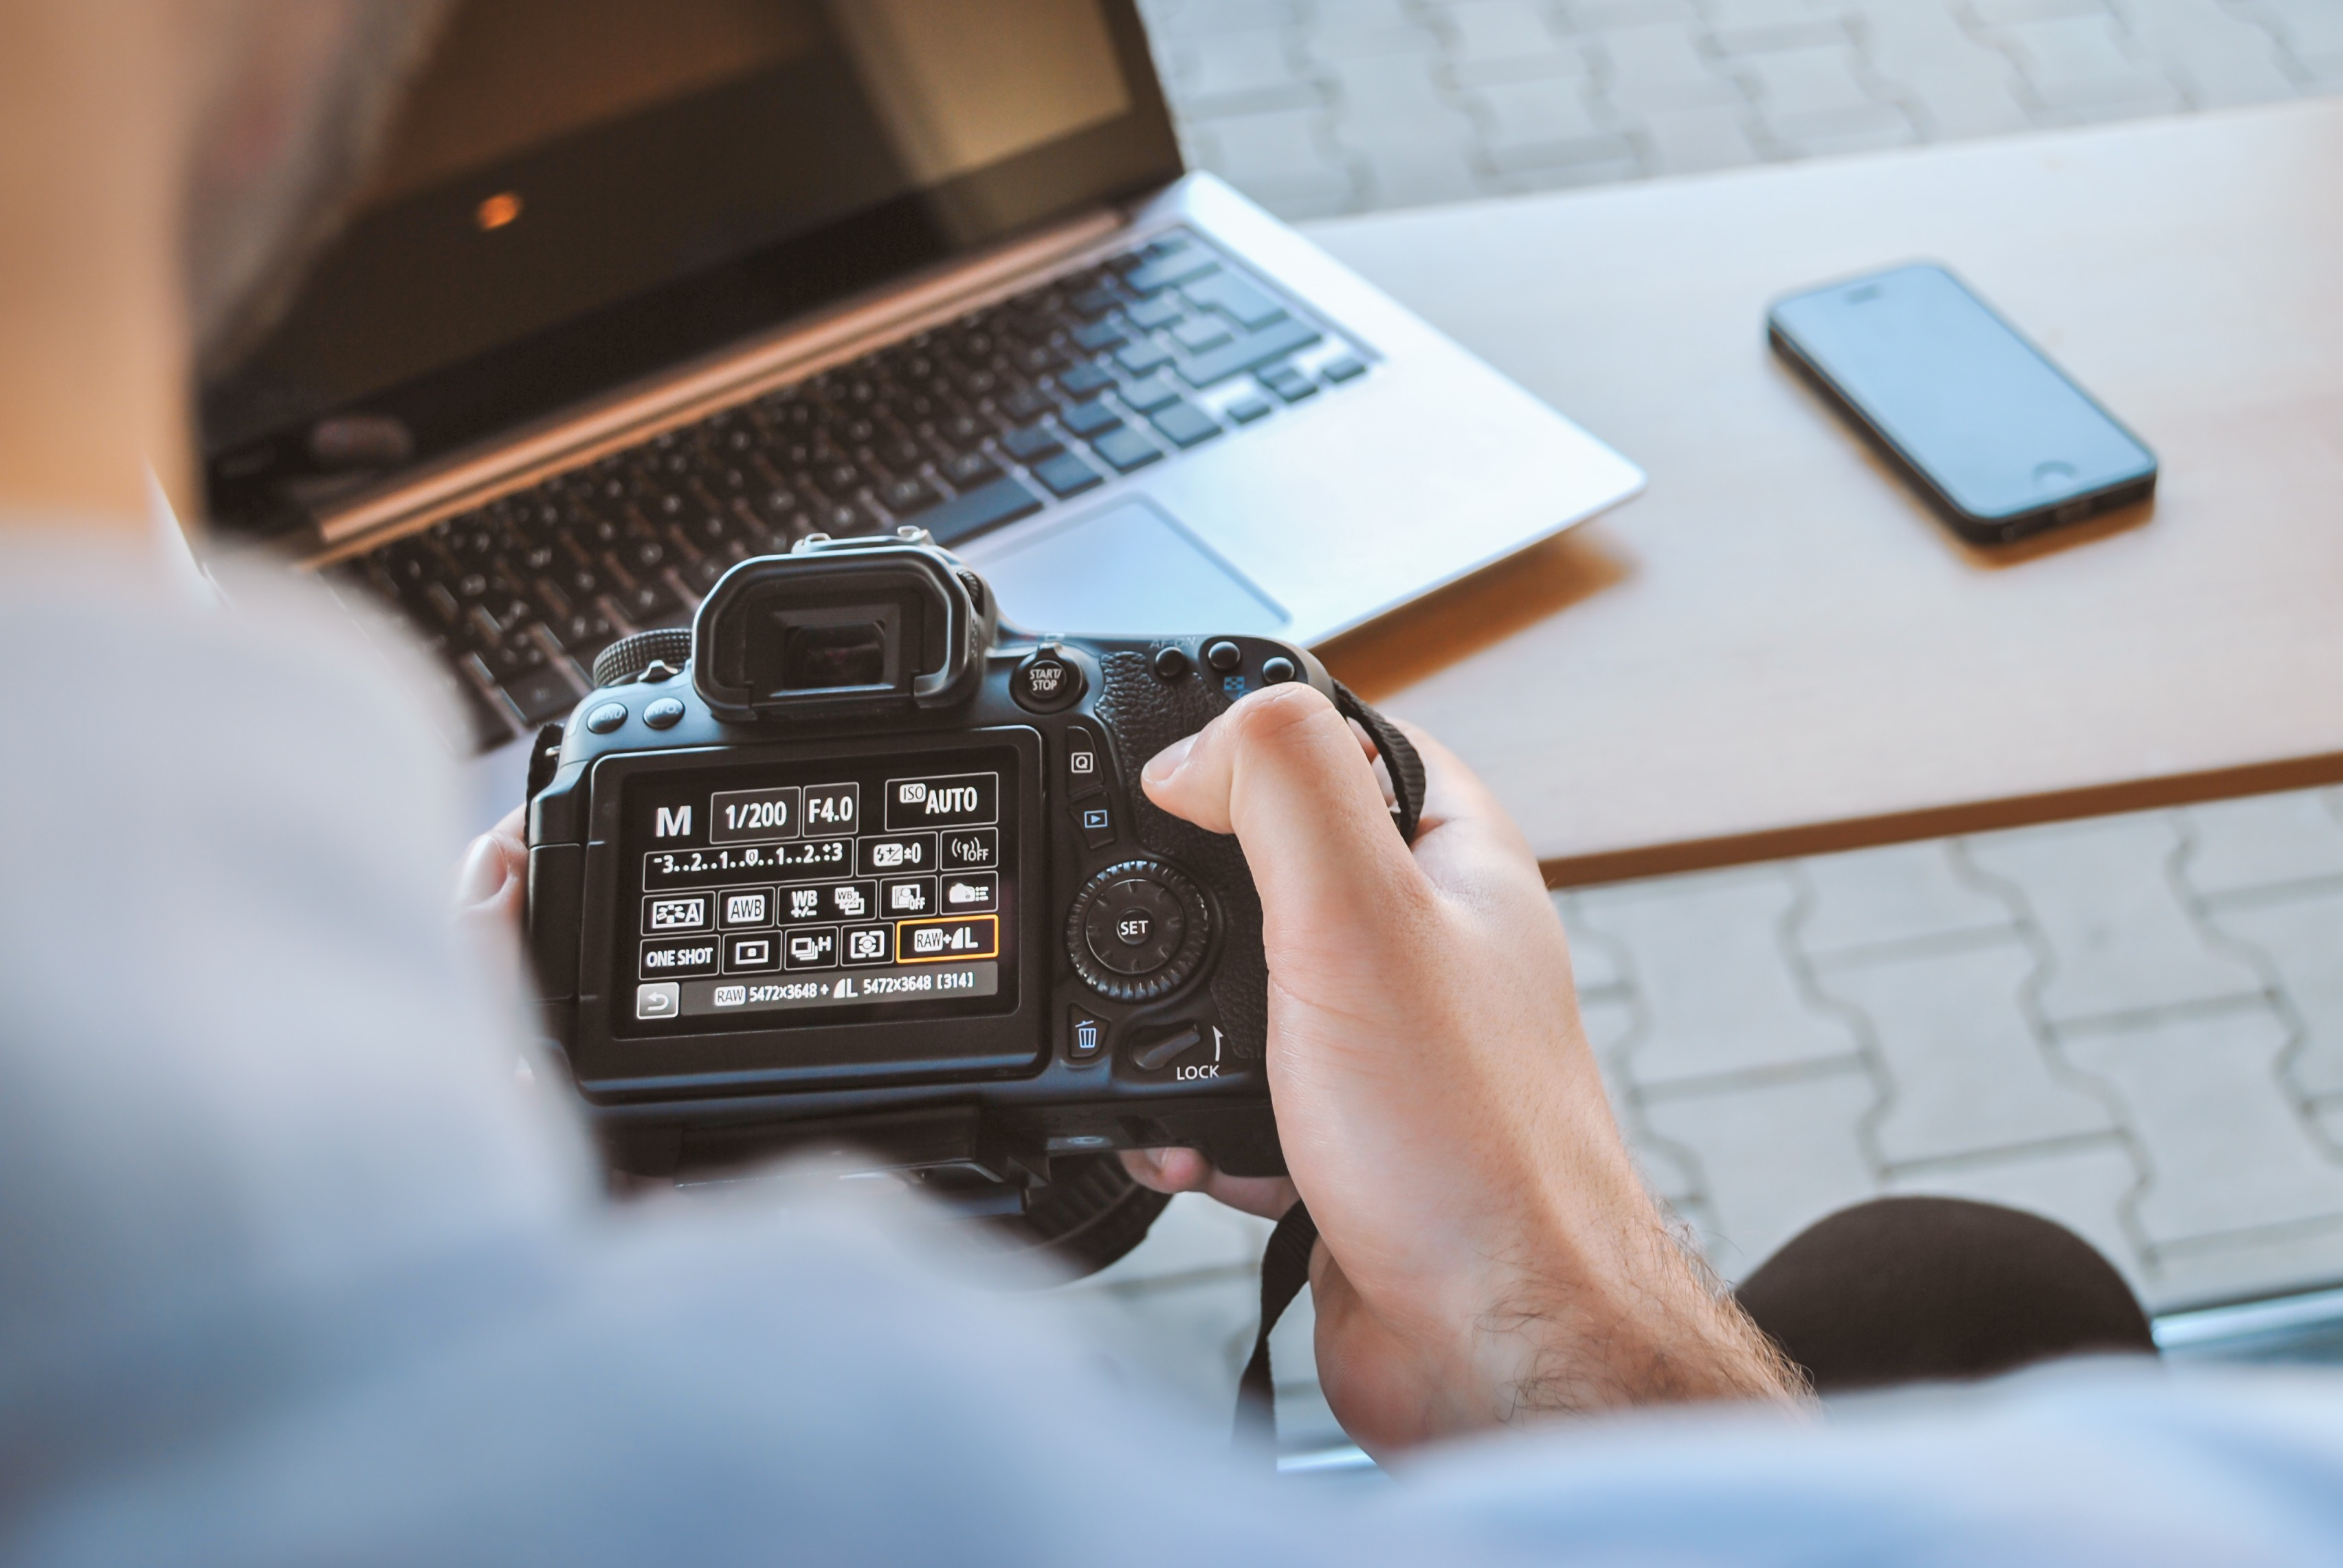 curso-de-fotografia-basica-aprender-fotografía-desde-cero